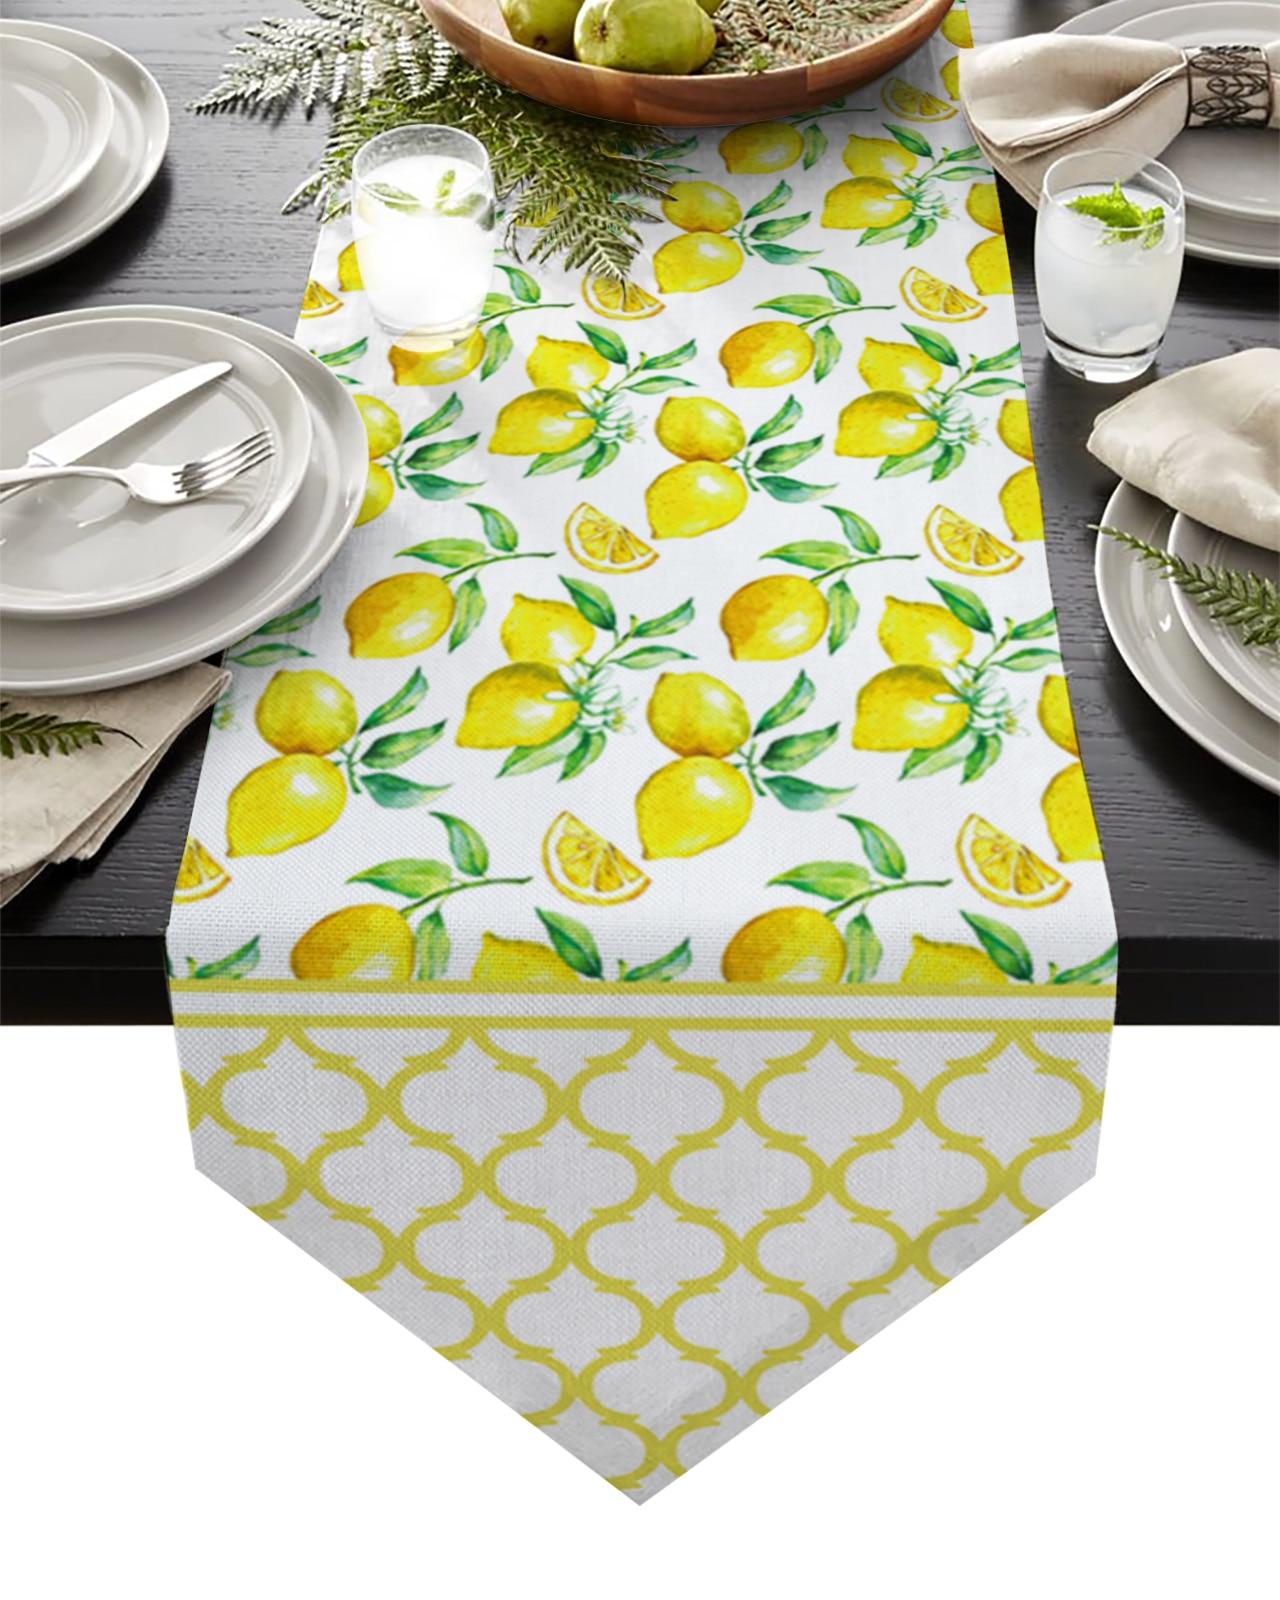 مفرش طاولة بتصميم مغربي ، مفرش طاولة ، زينة للزفاف ، لون الليمون الطازج ، الأصفر ، للمطبخ